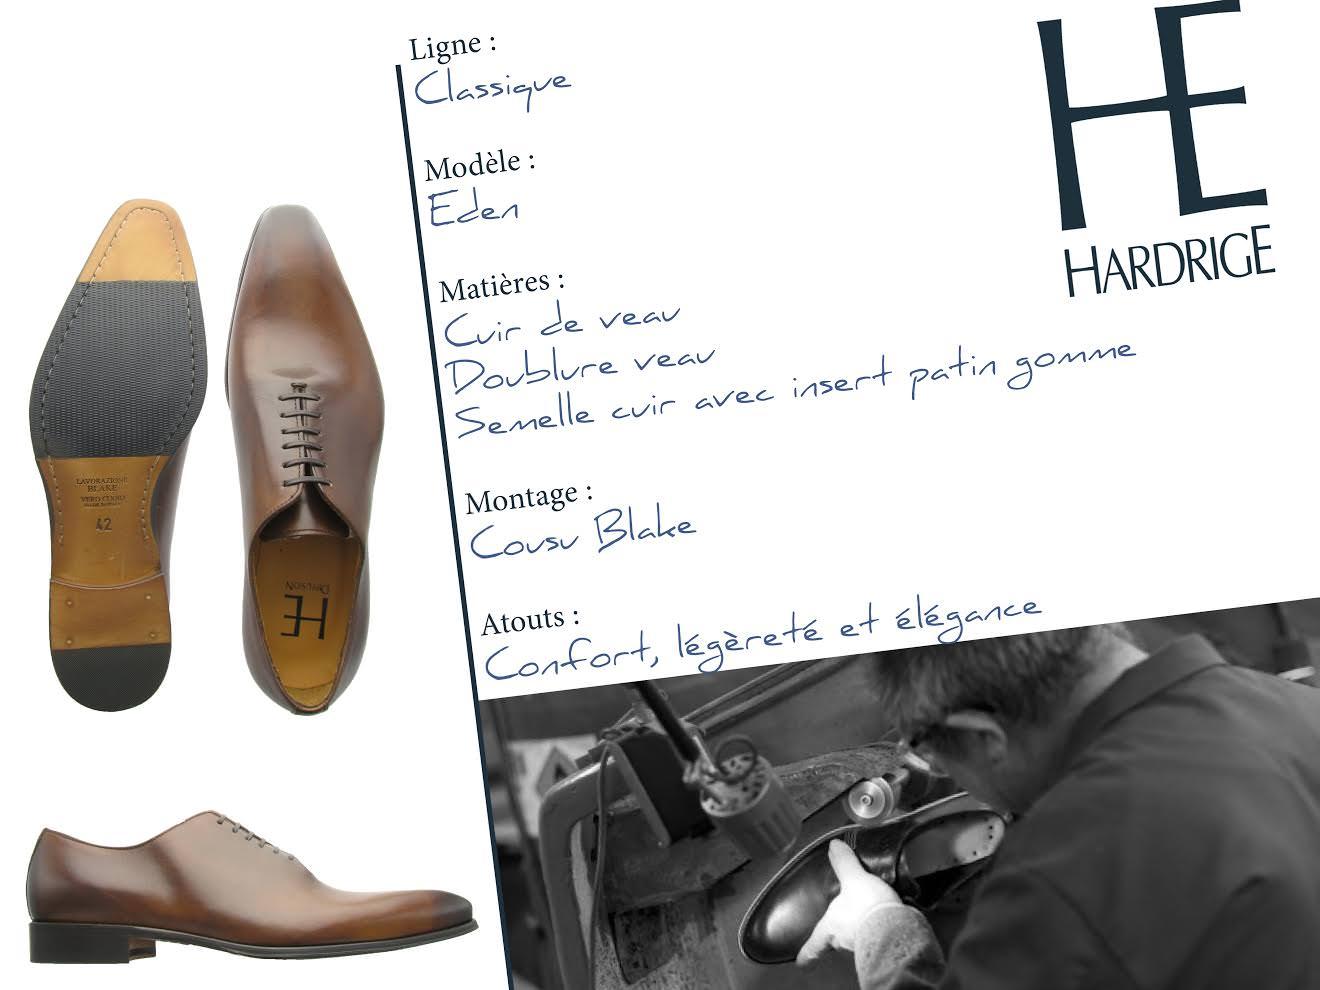 Chaussures La Hardrige Confidentielle Barboteur Marque De Le ZFwazq